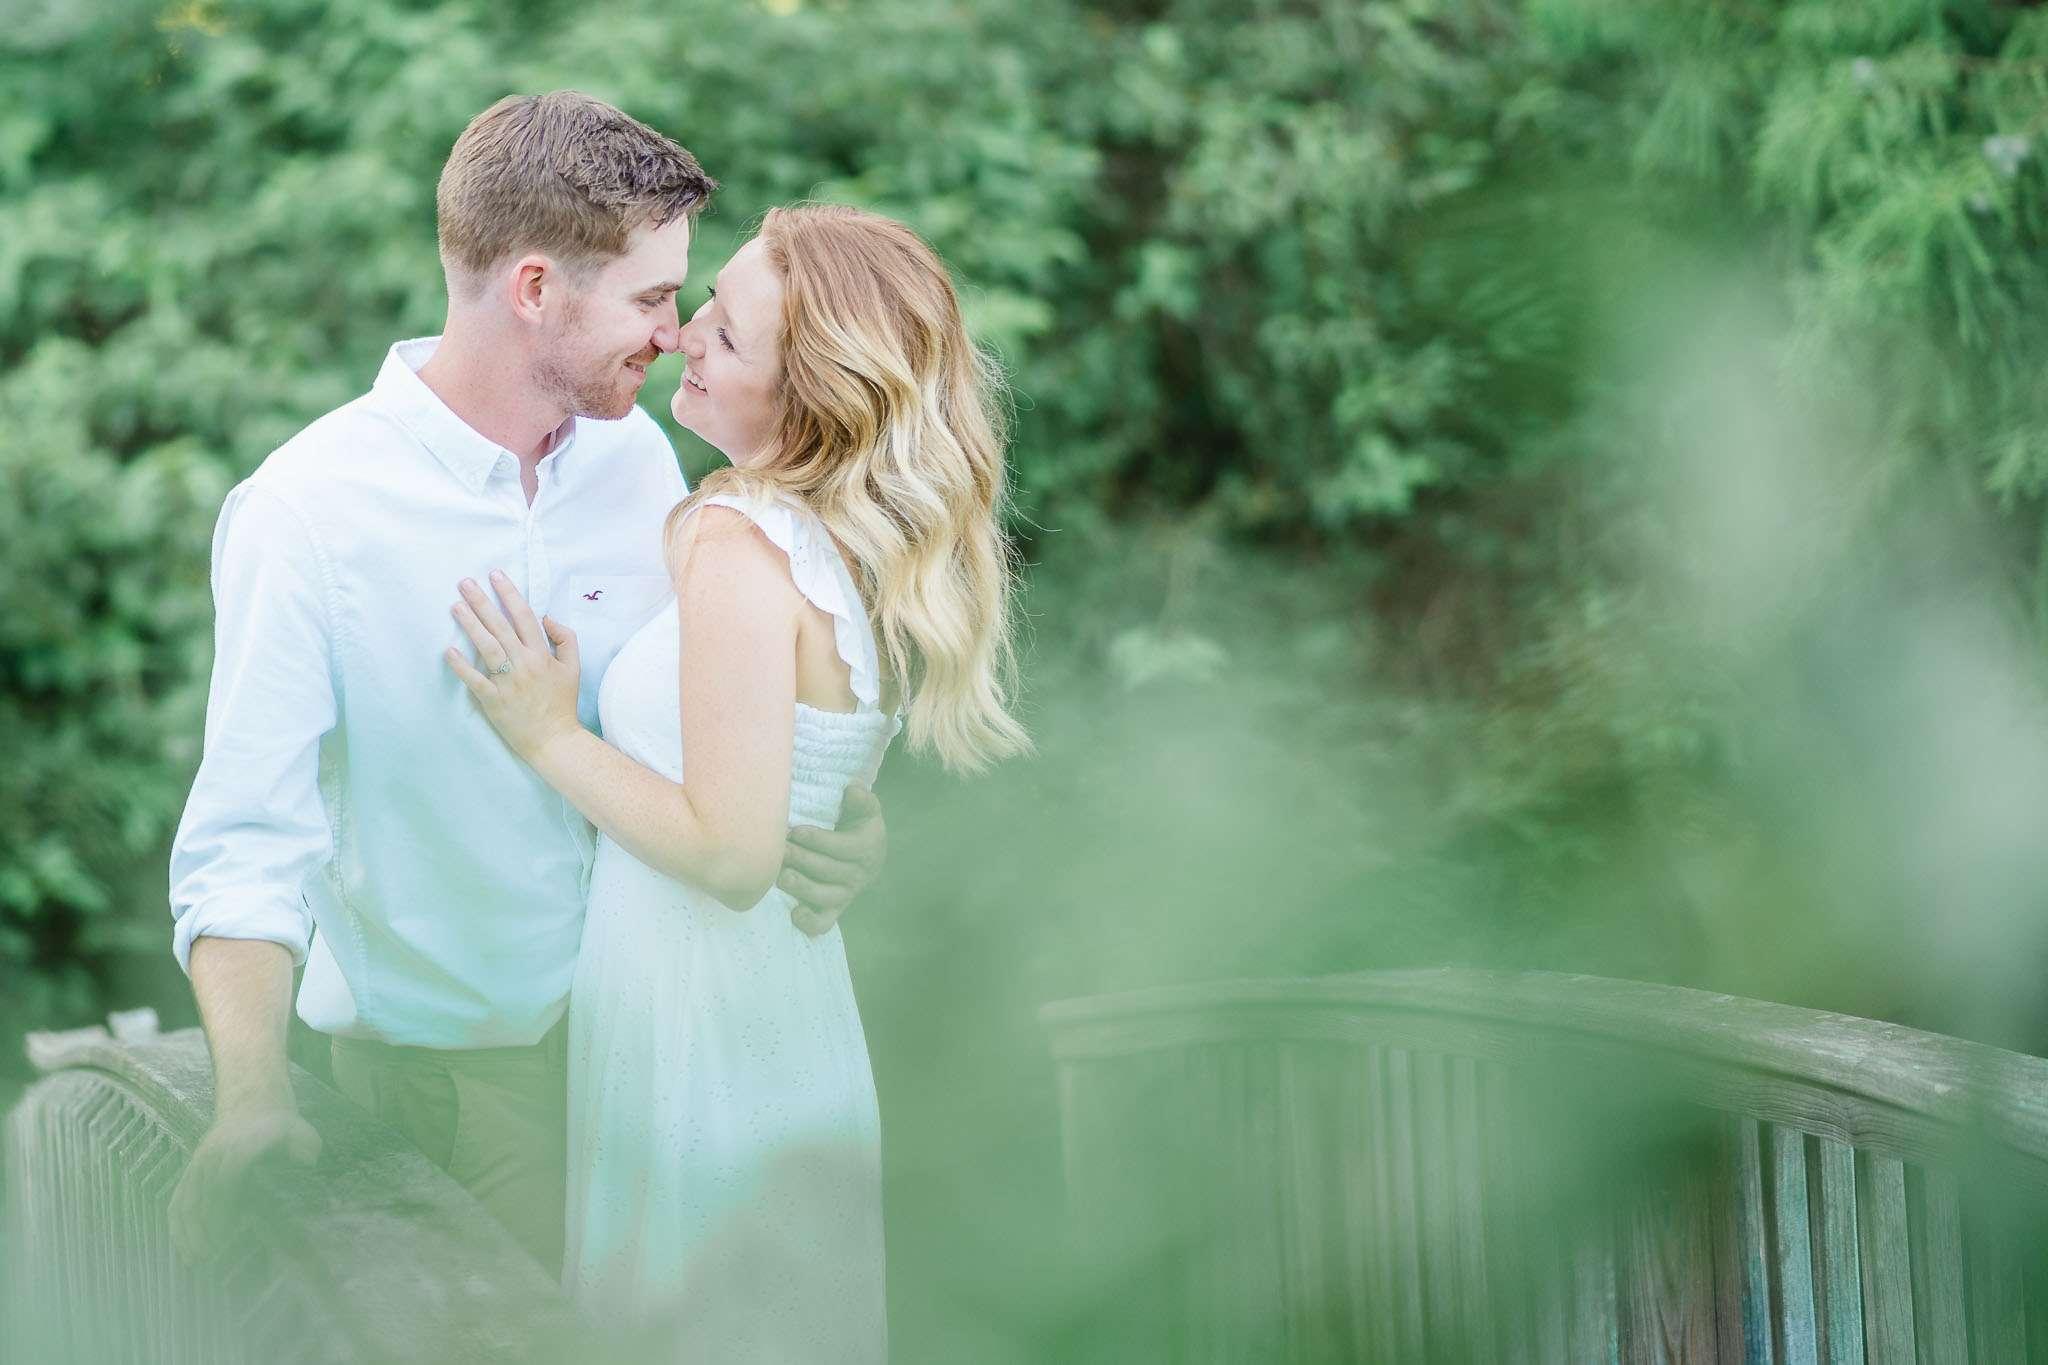 Western Kentucky Botanical Garden - Owensboro, KY Engagement Session - Emily + Jacob-5